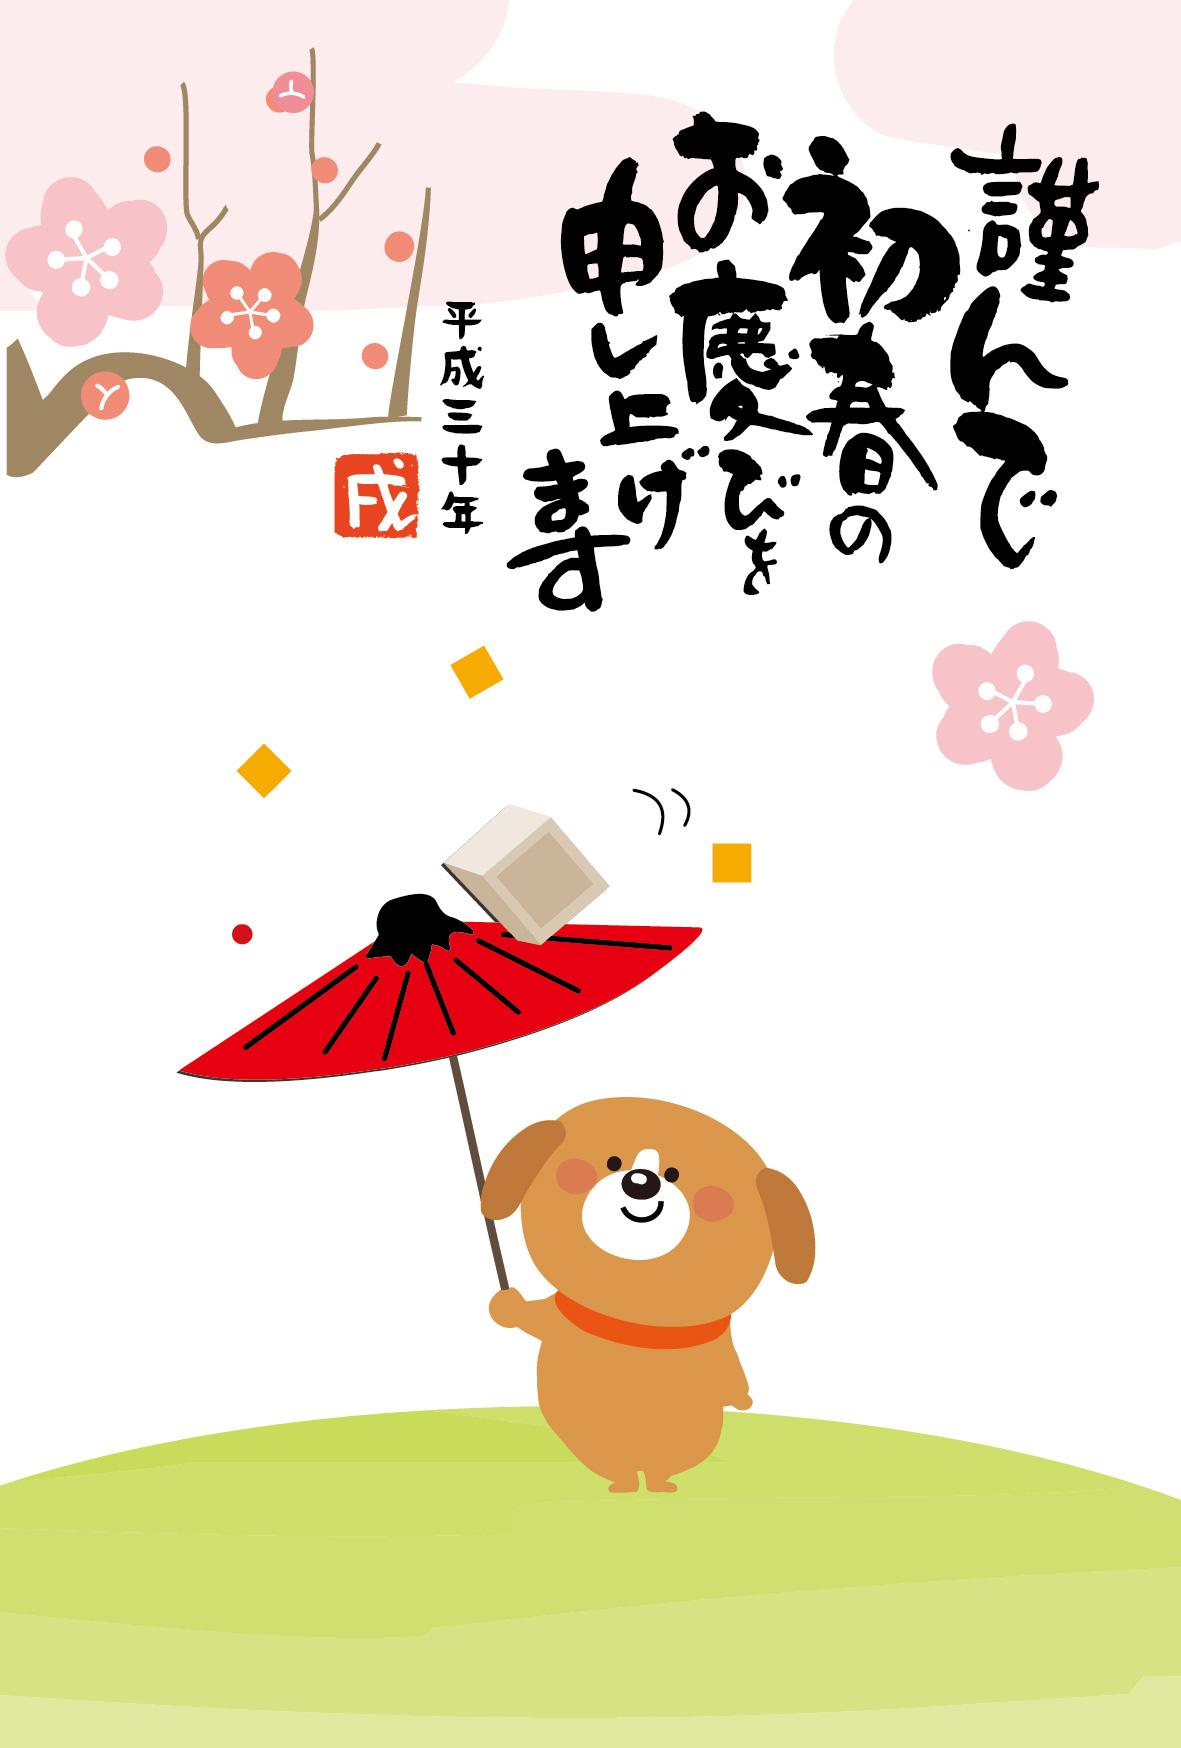 はがきデザインキット2019   ゆうびん.jp